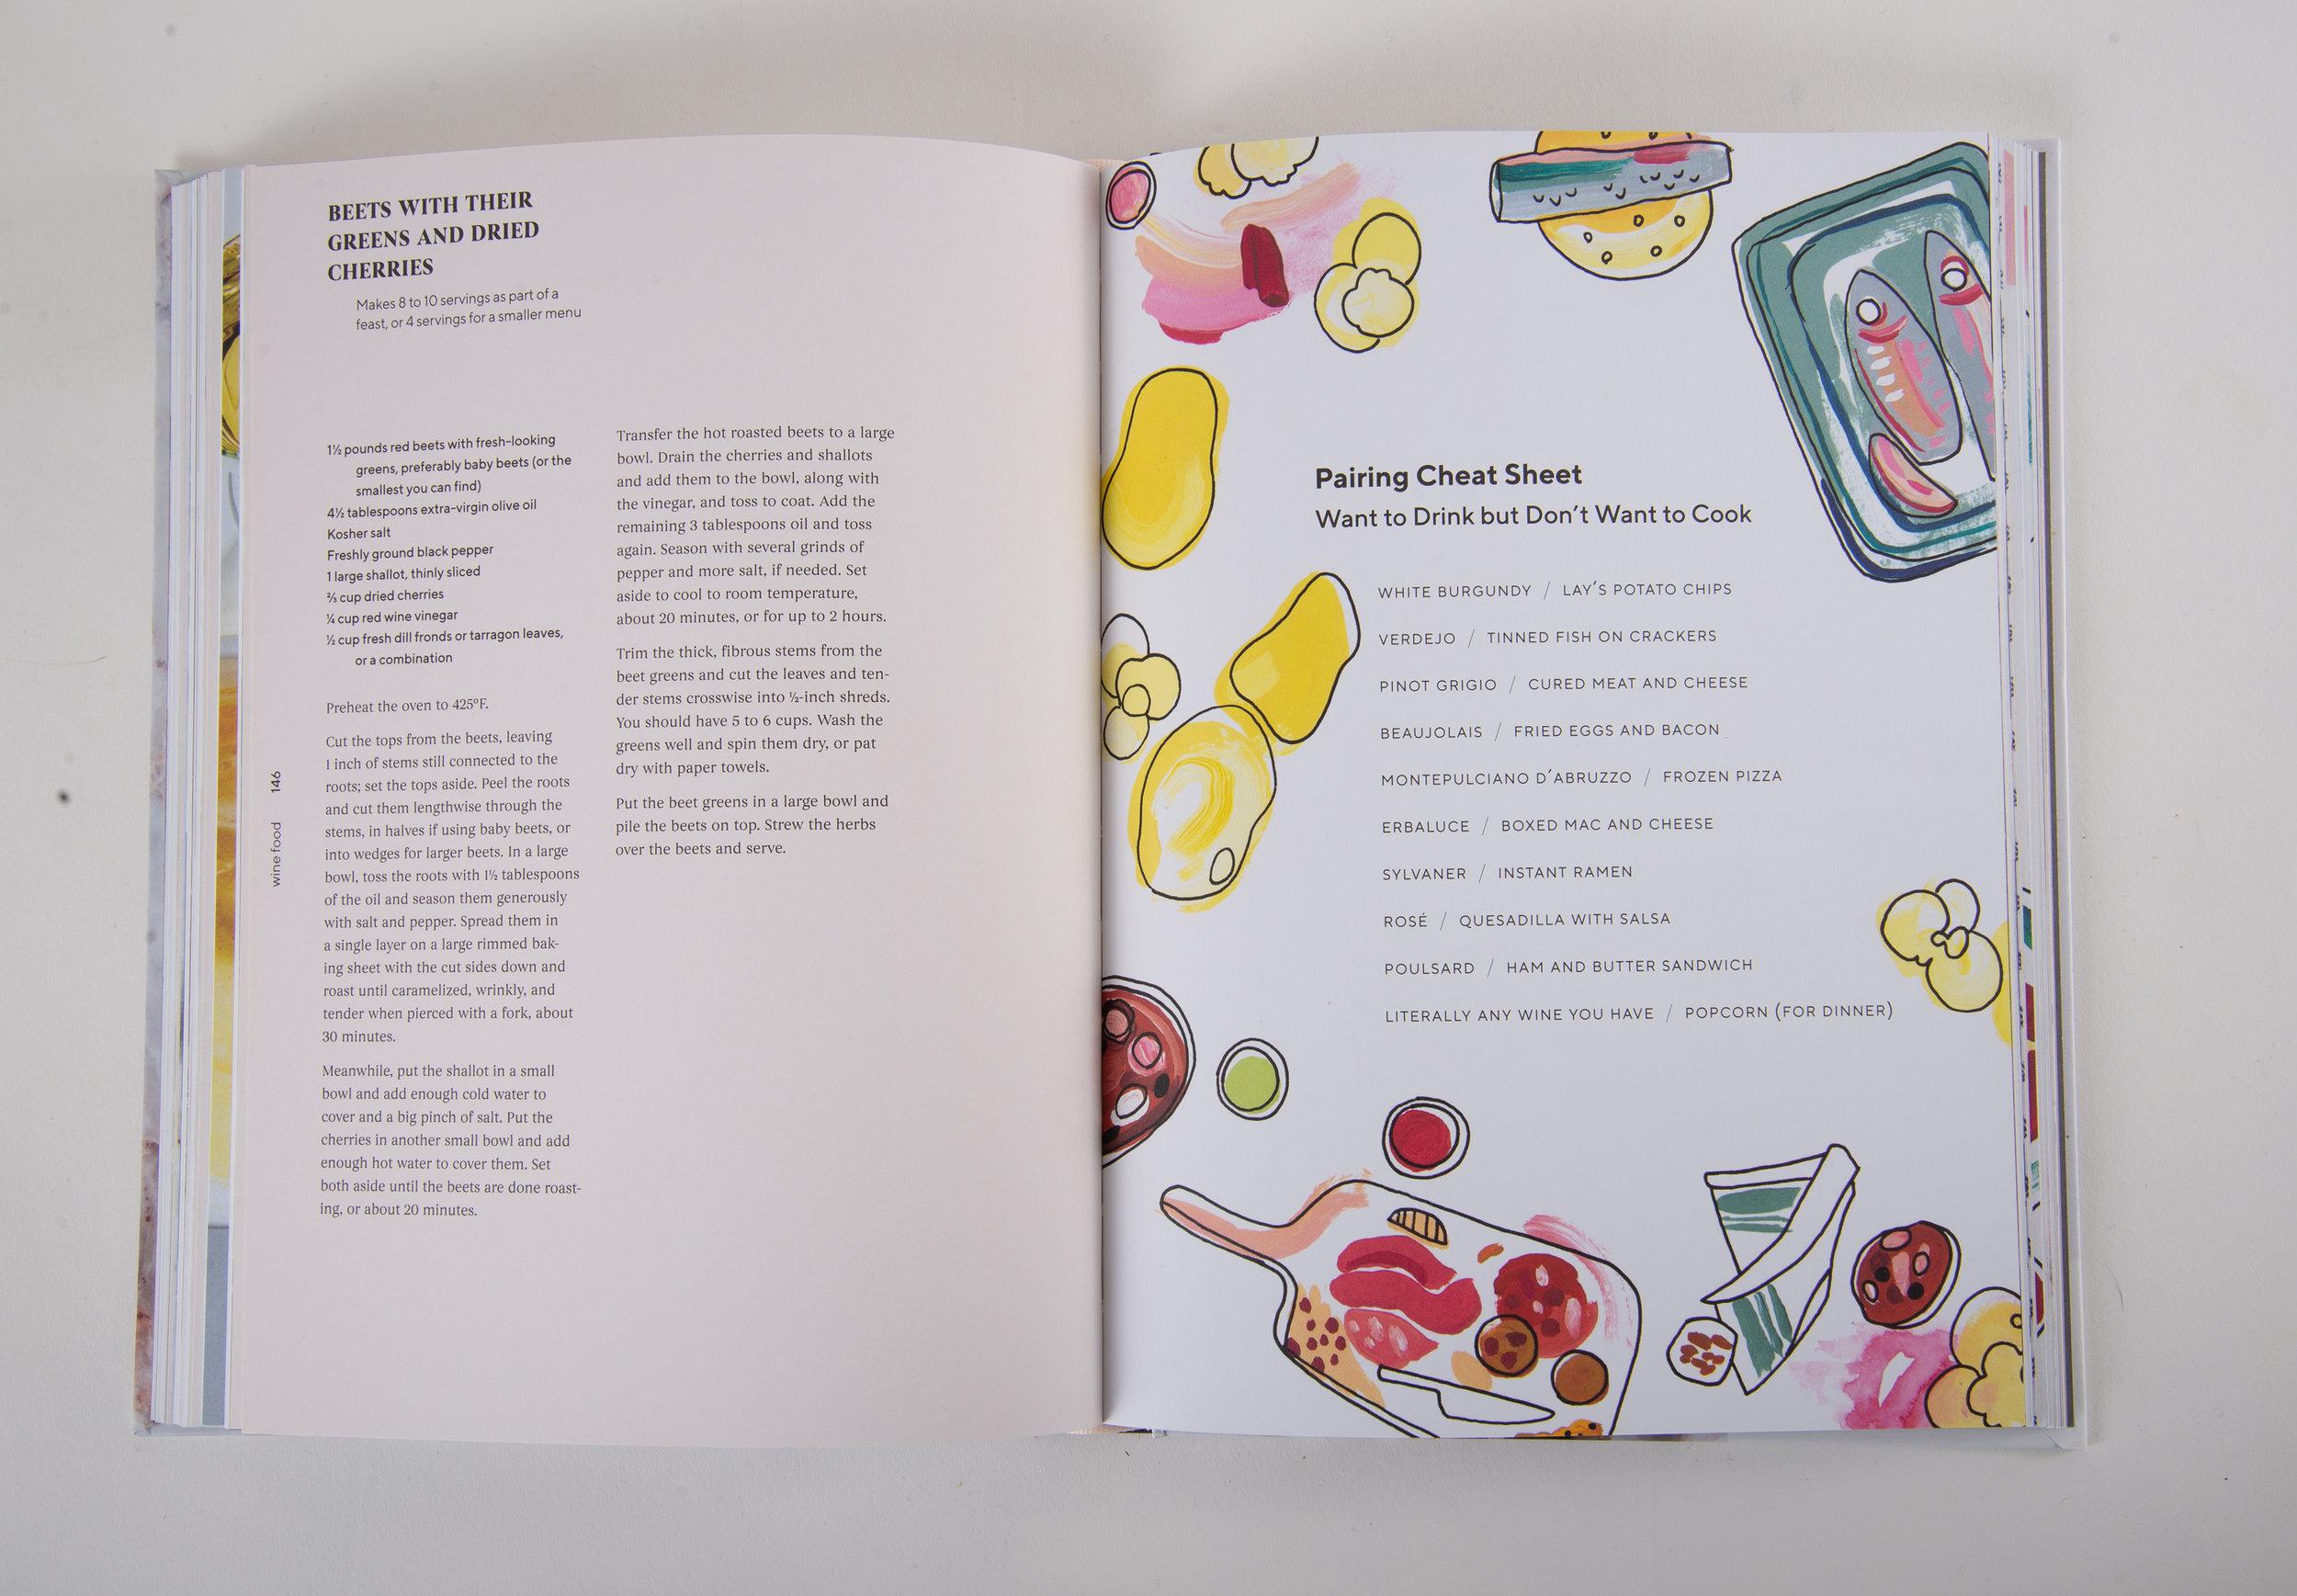 cookbook dont wanna cook shot.jpg